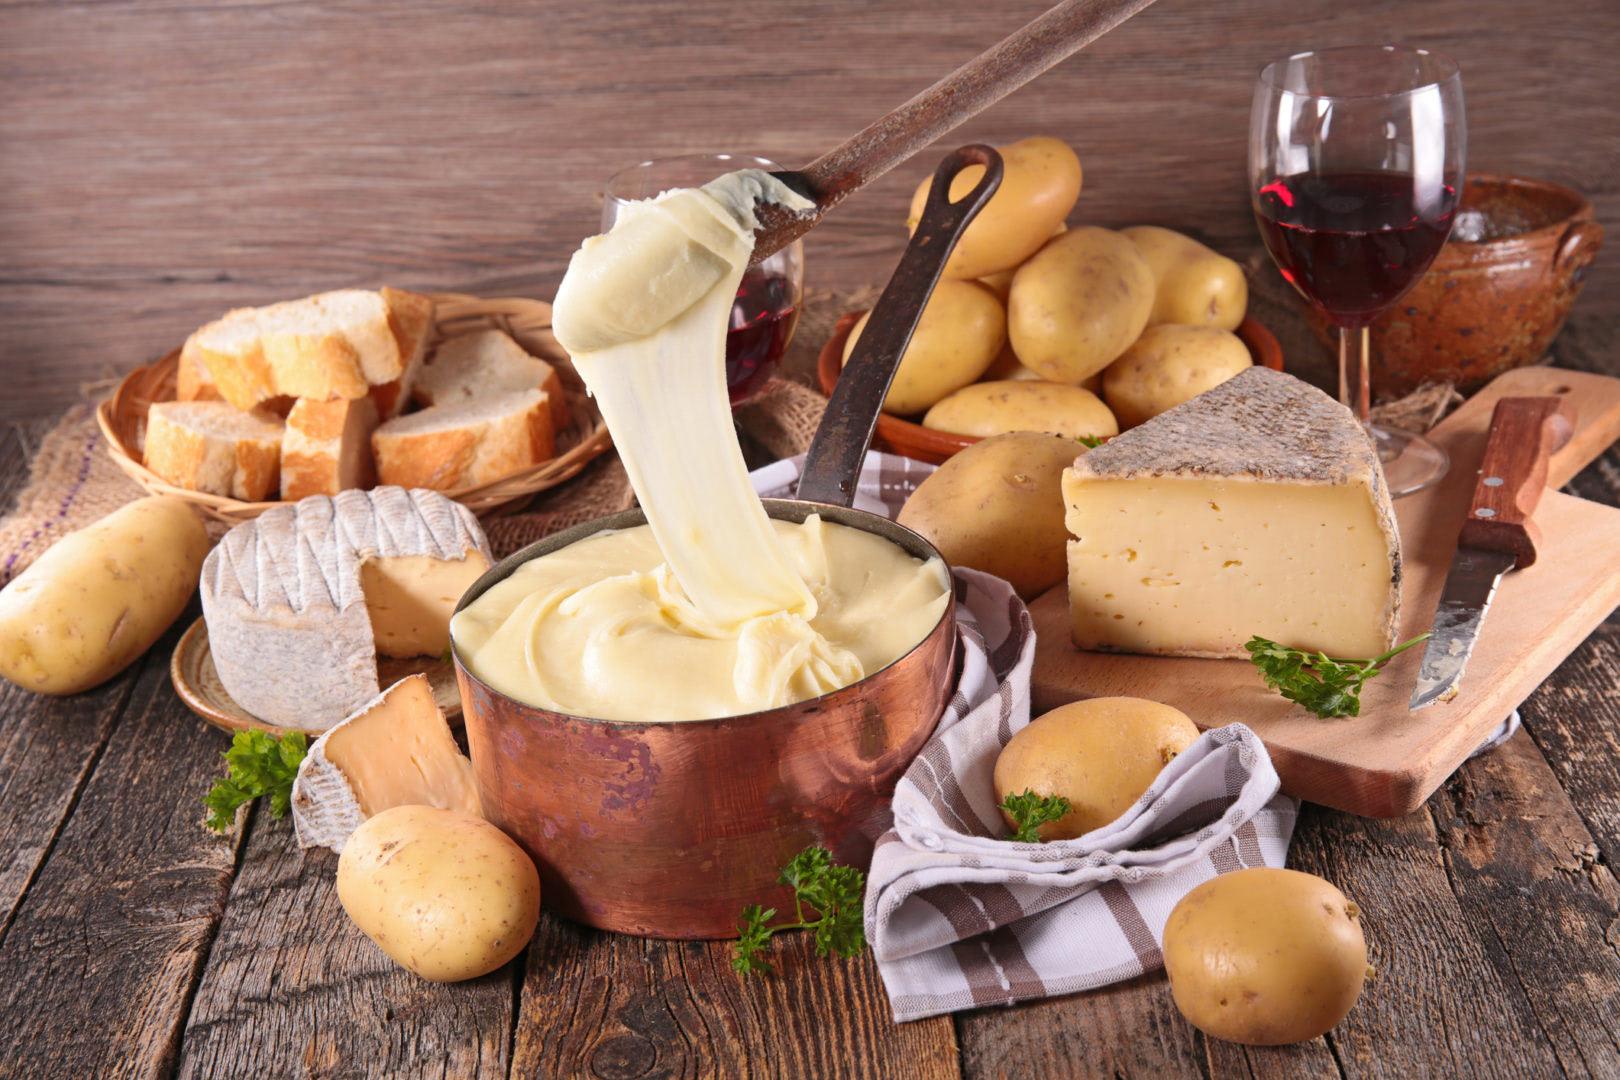 Aligot spécialité culinaire de l'Aveyron en France